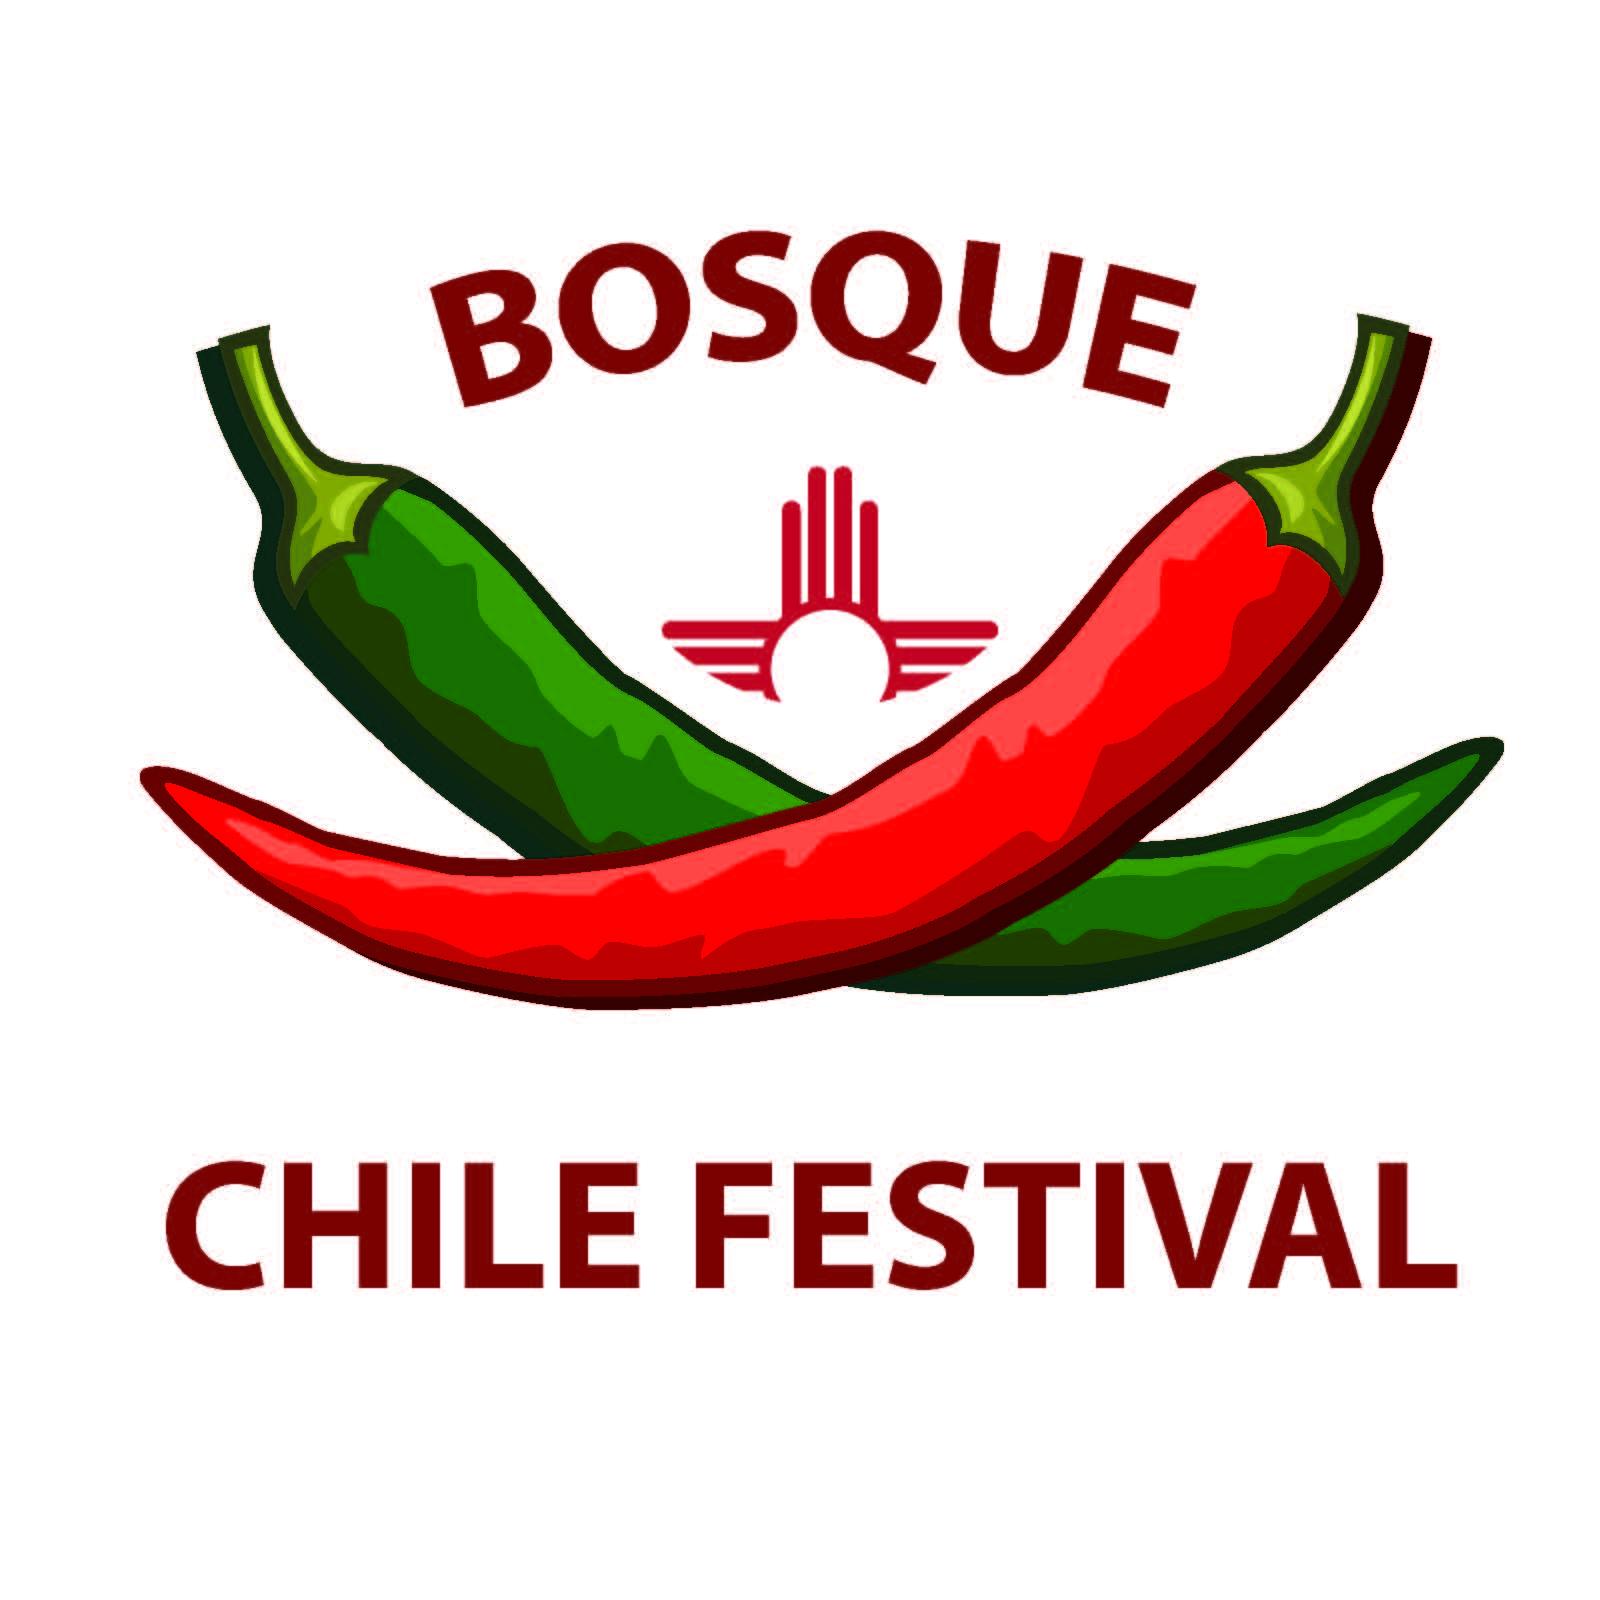 Bosque chile festival nhcc for Rio grande arts and crafts festival 2016